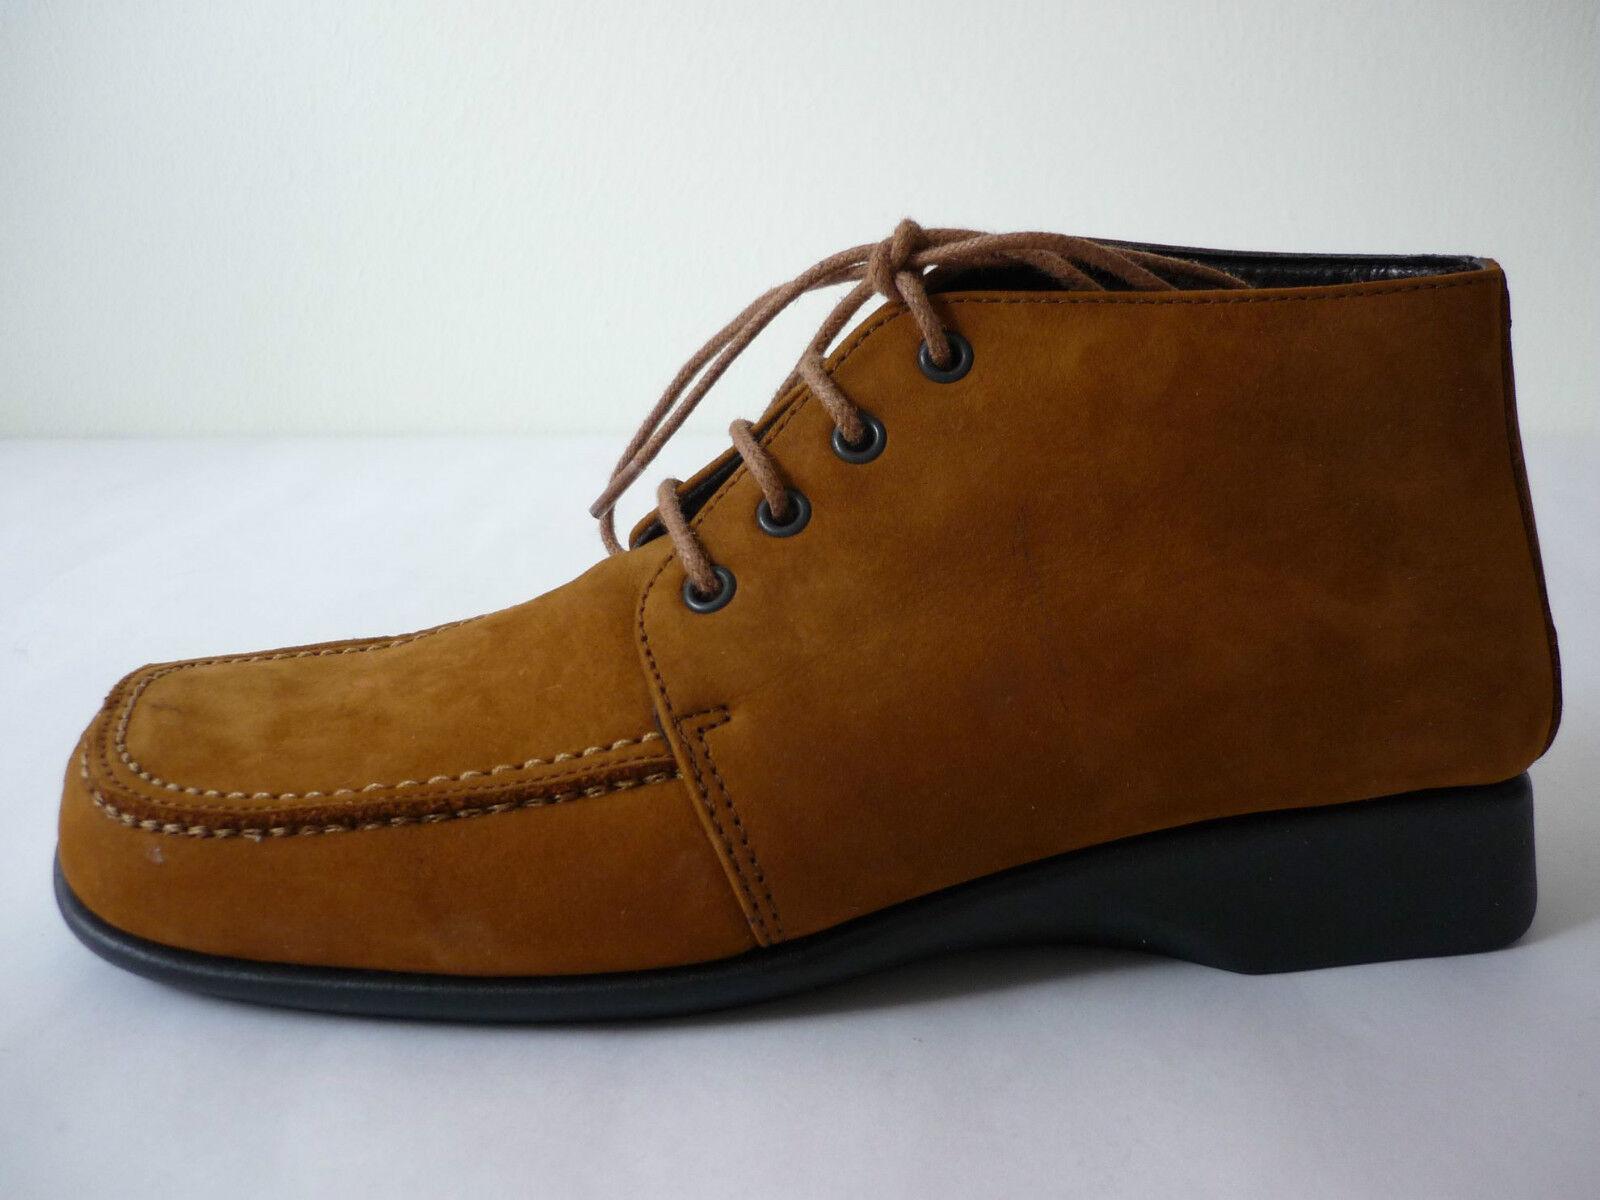 AEROSOLES Chaussures Femmes Bottines 35,5 36,5 Cheville Chaussures nubuk marron NOUVEAU